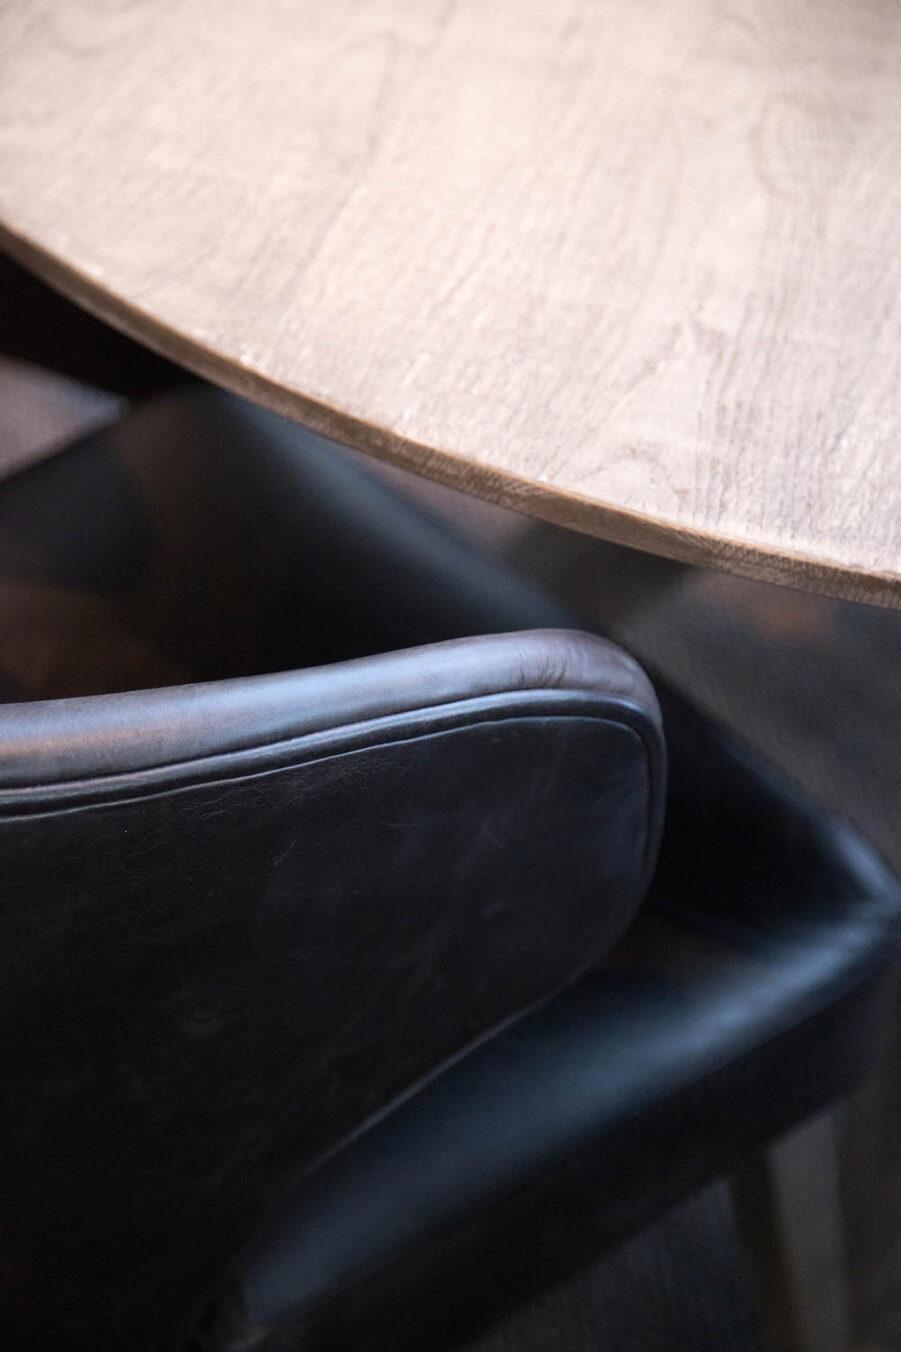 Miljöbild La vella matstol, Tree matbord från artwood